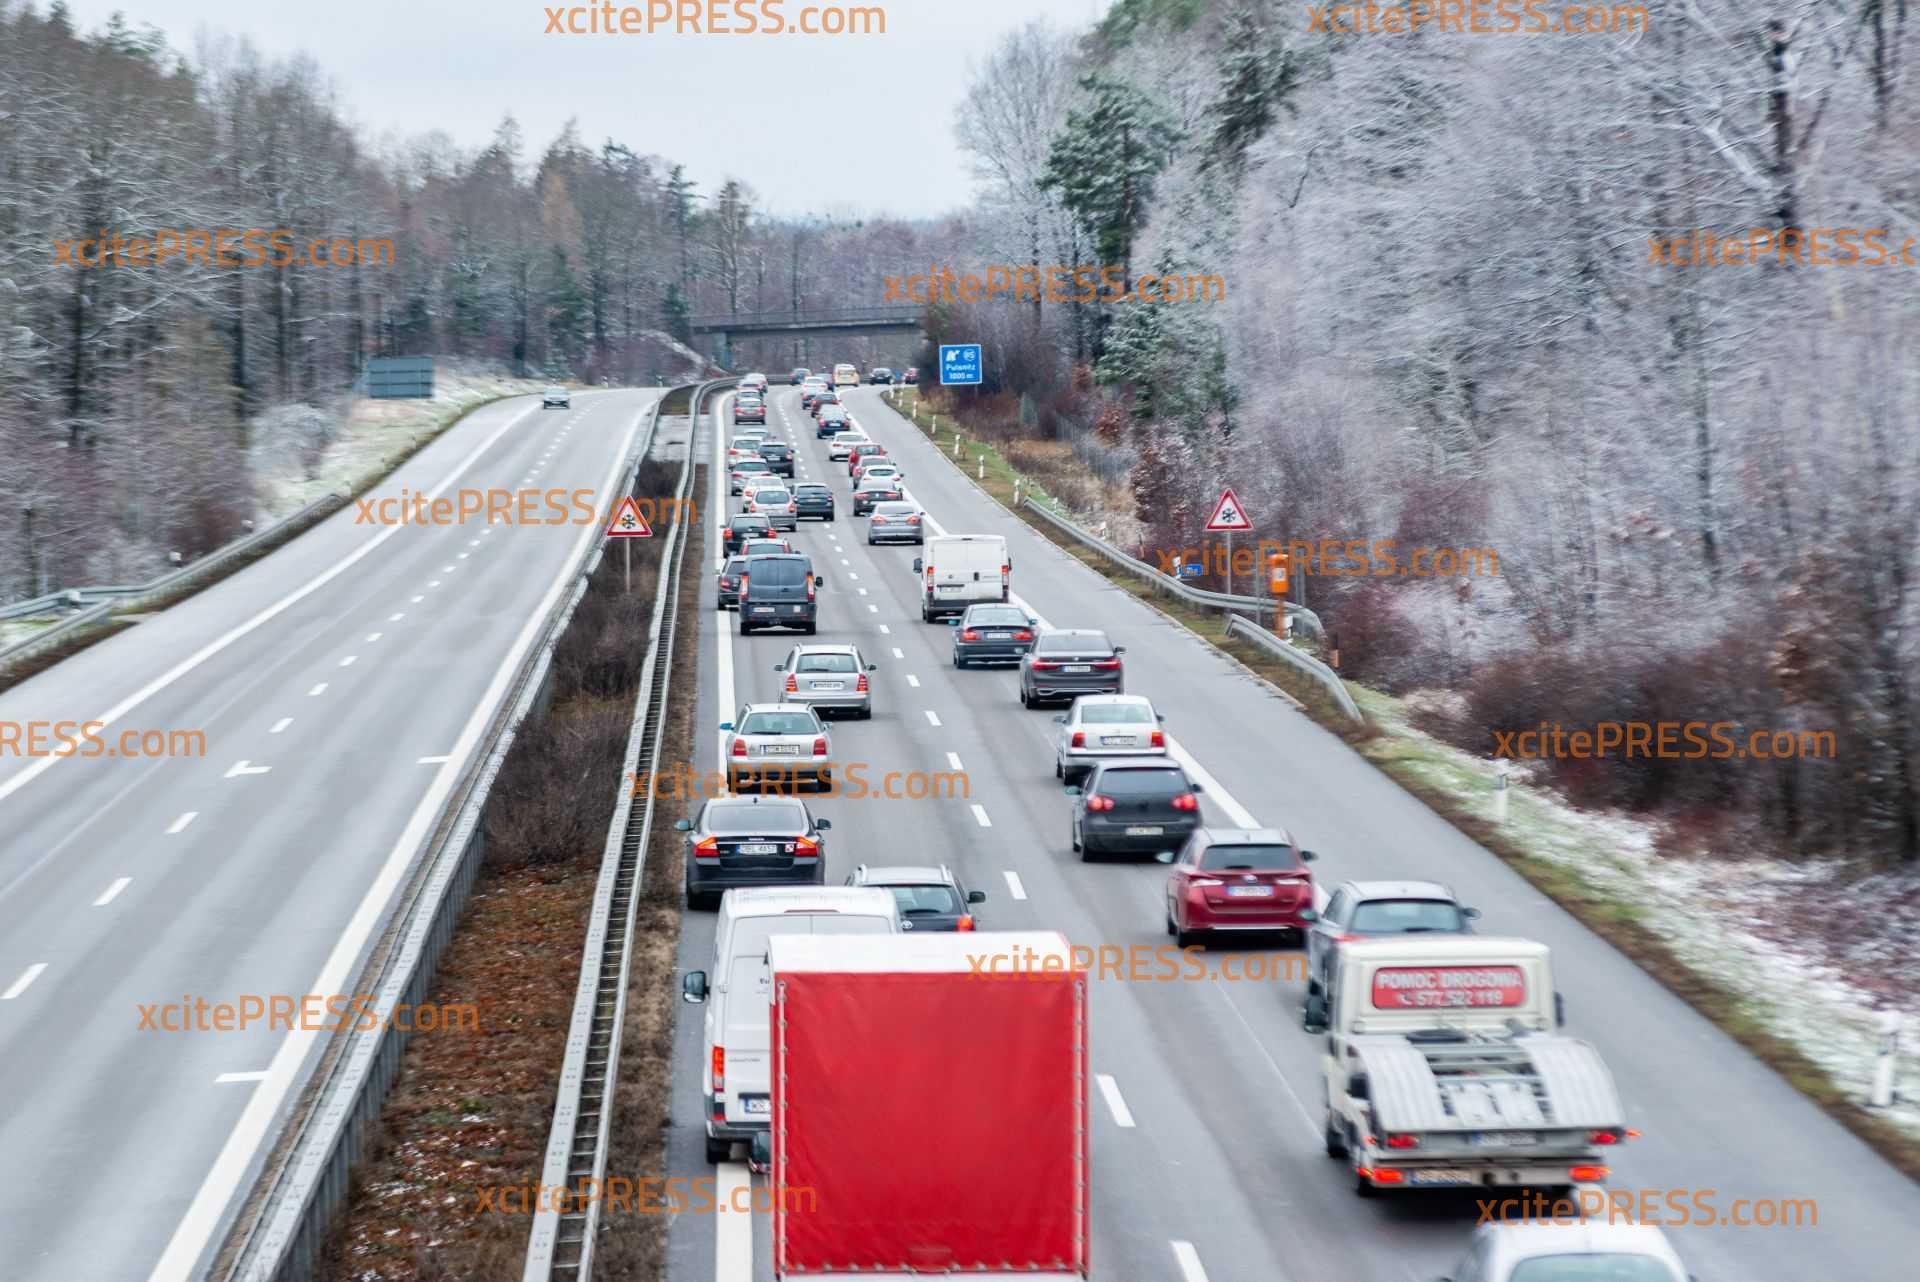 20 Kilometer Stau auf der A4: Unfall im dichten Sonntagsverkehr